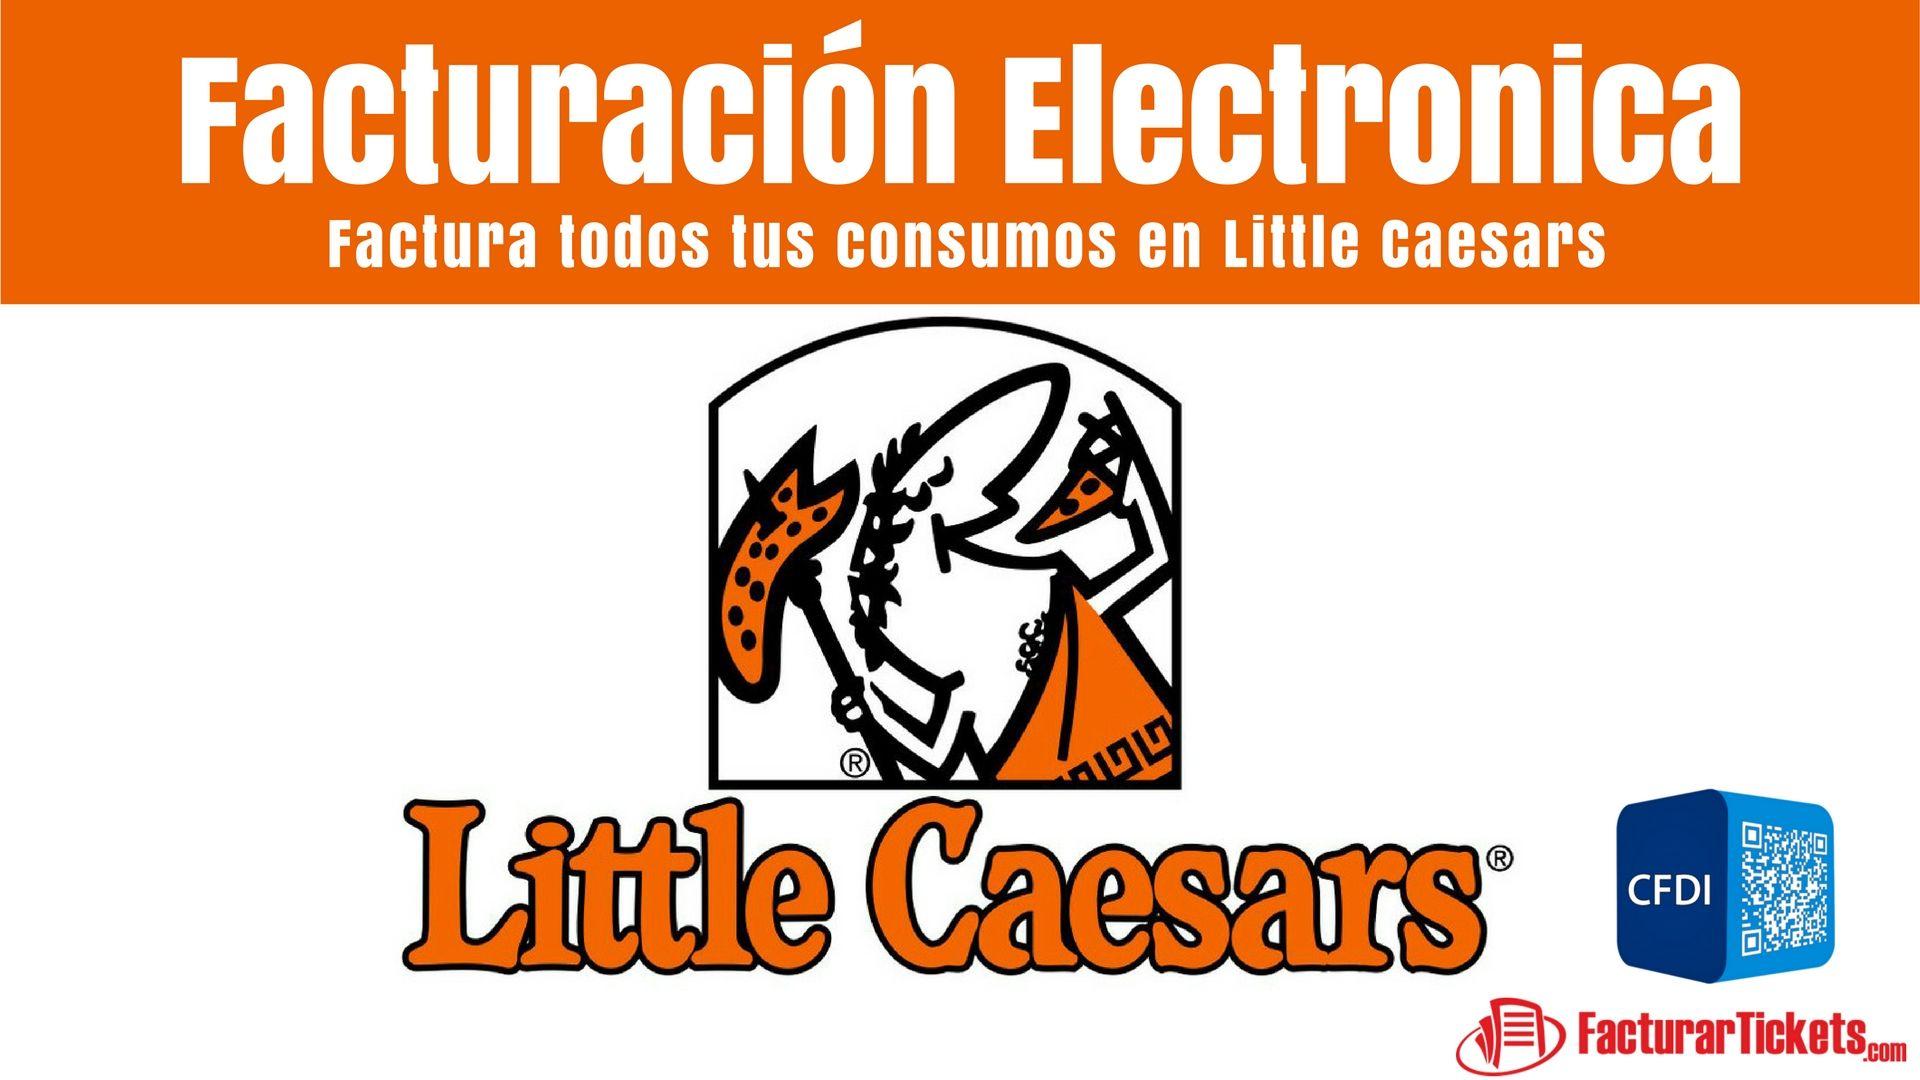 Little Caesars Facturacion en linea   Facturacion Electronica de ...